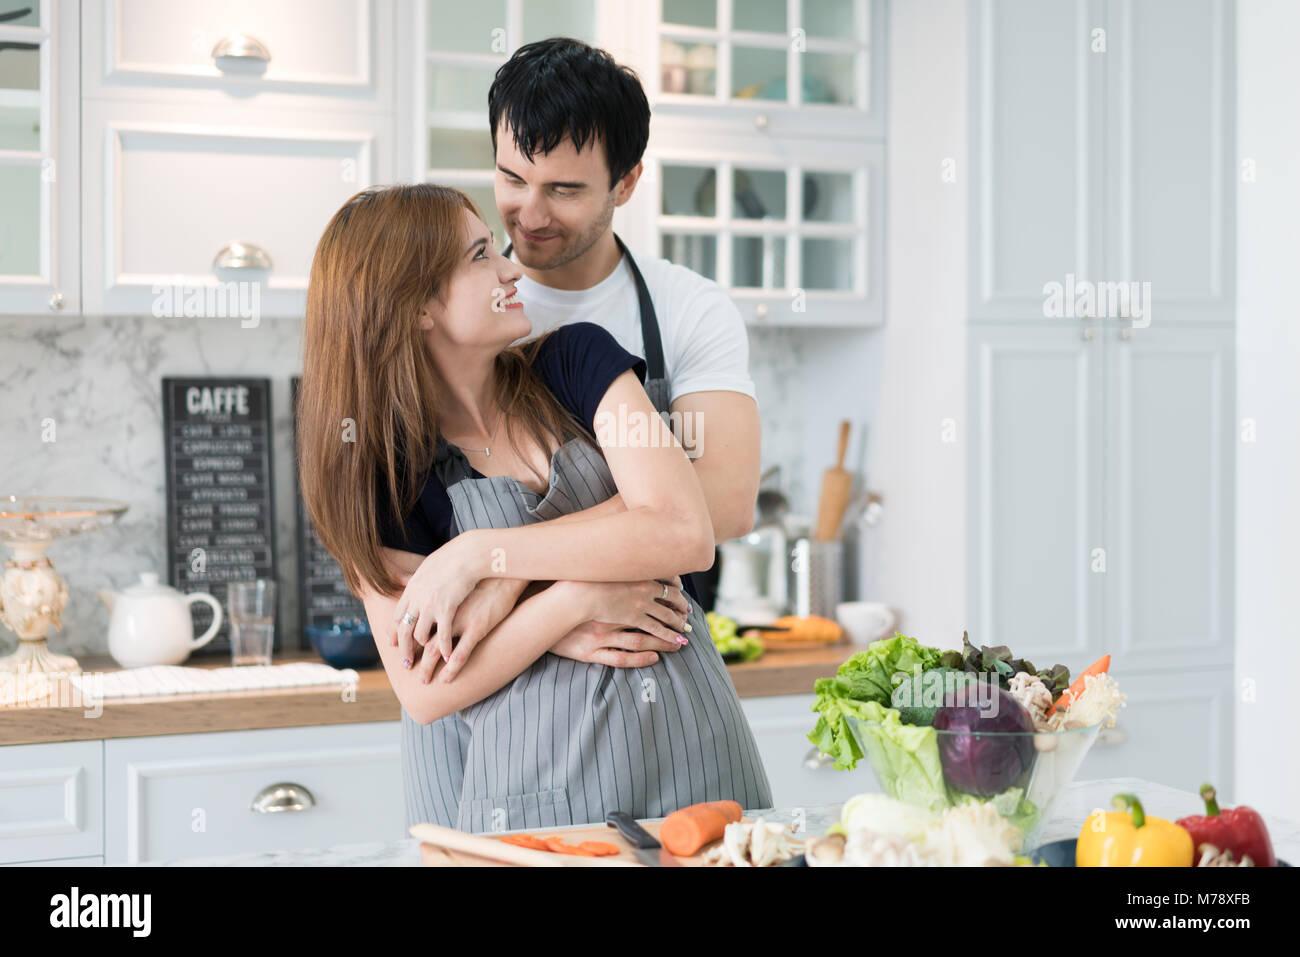 Encantadora pareja joven preparar comida saludable en la cocina moderna. El hombre abrazando a la mujer romántica Imagen De Stock